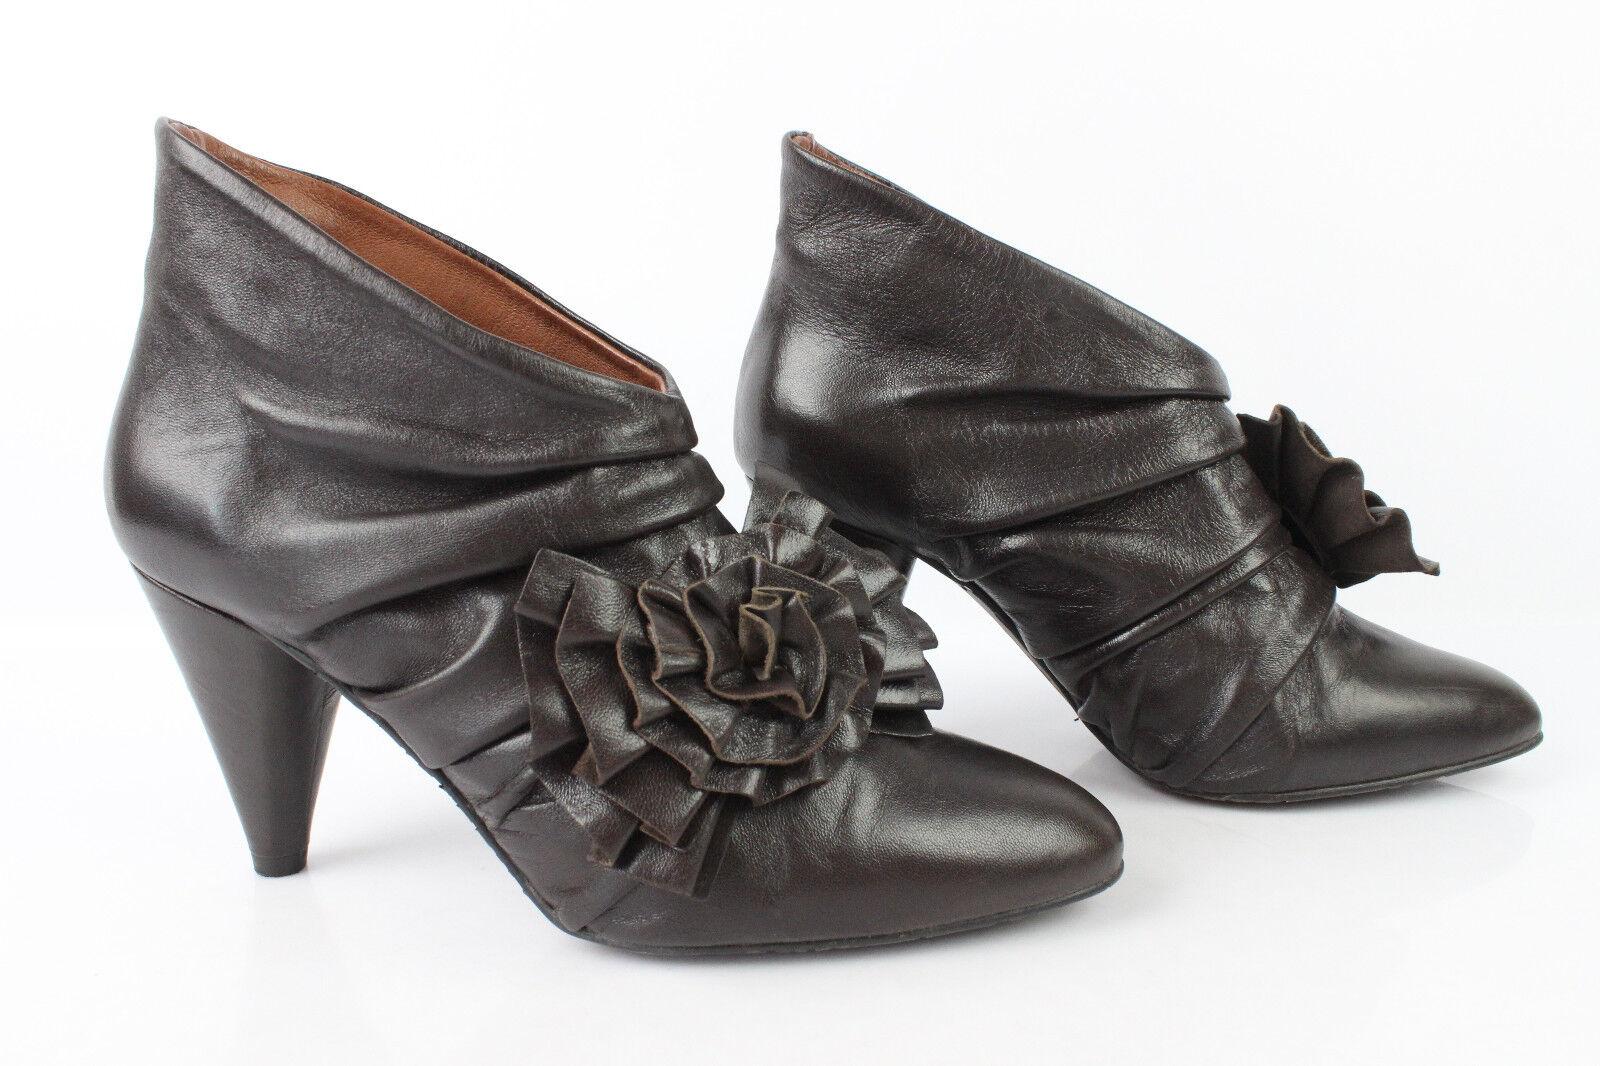 Stiefel Stiefeletten RAS Leder dunkelbraun Zustand T 38 sehr guter Zustand dunkelbraun c7e730